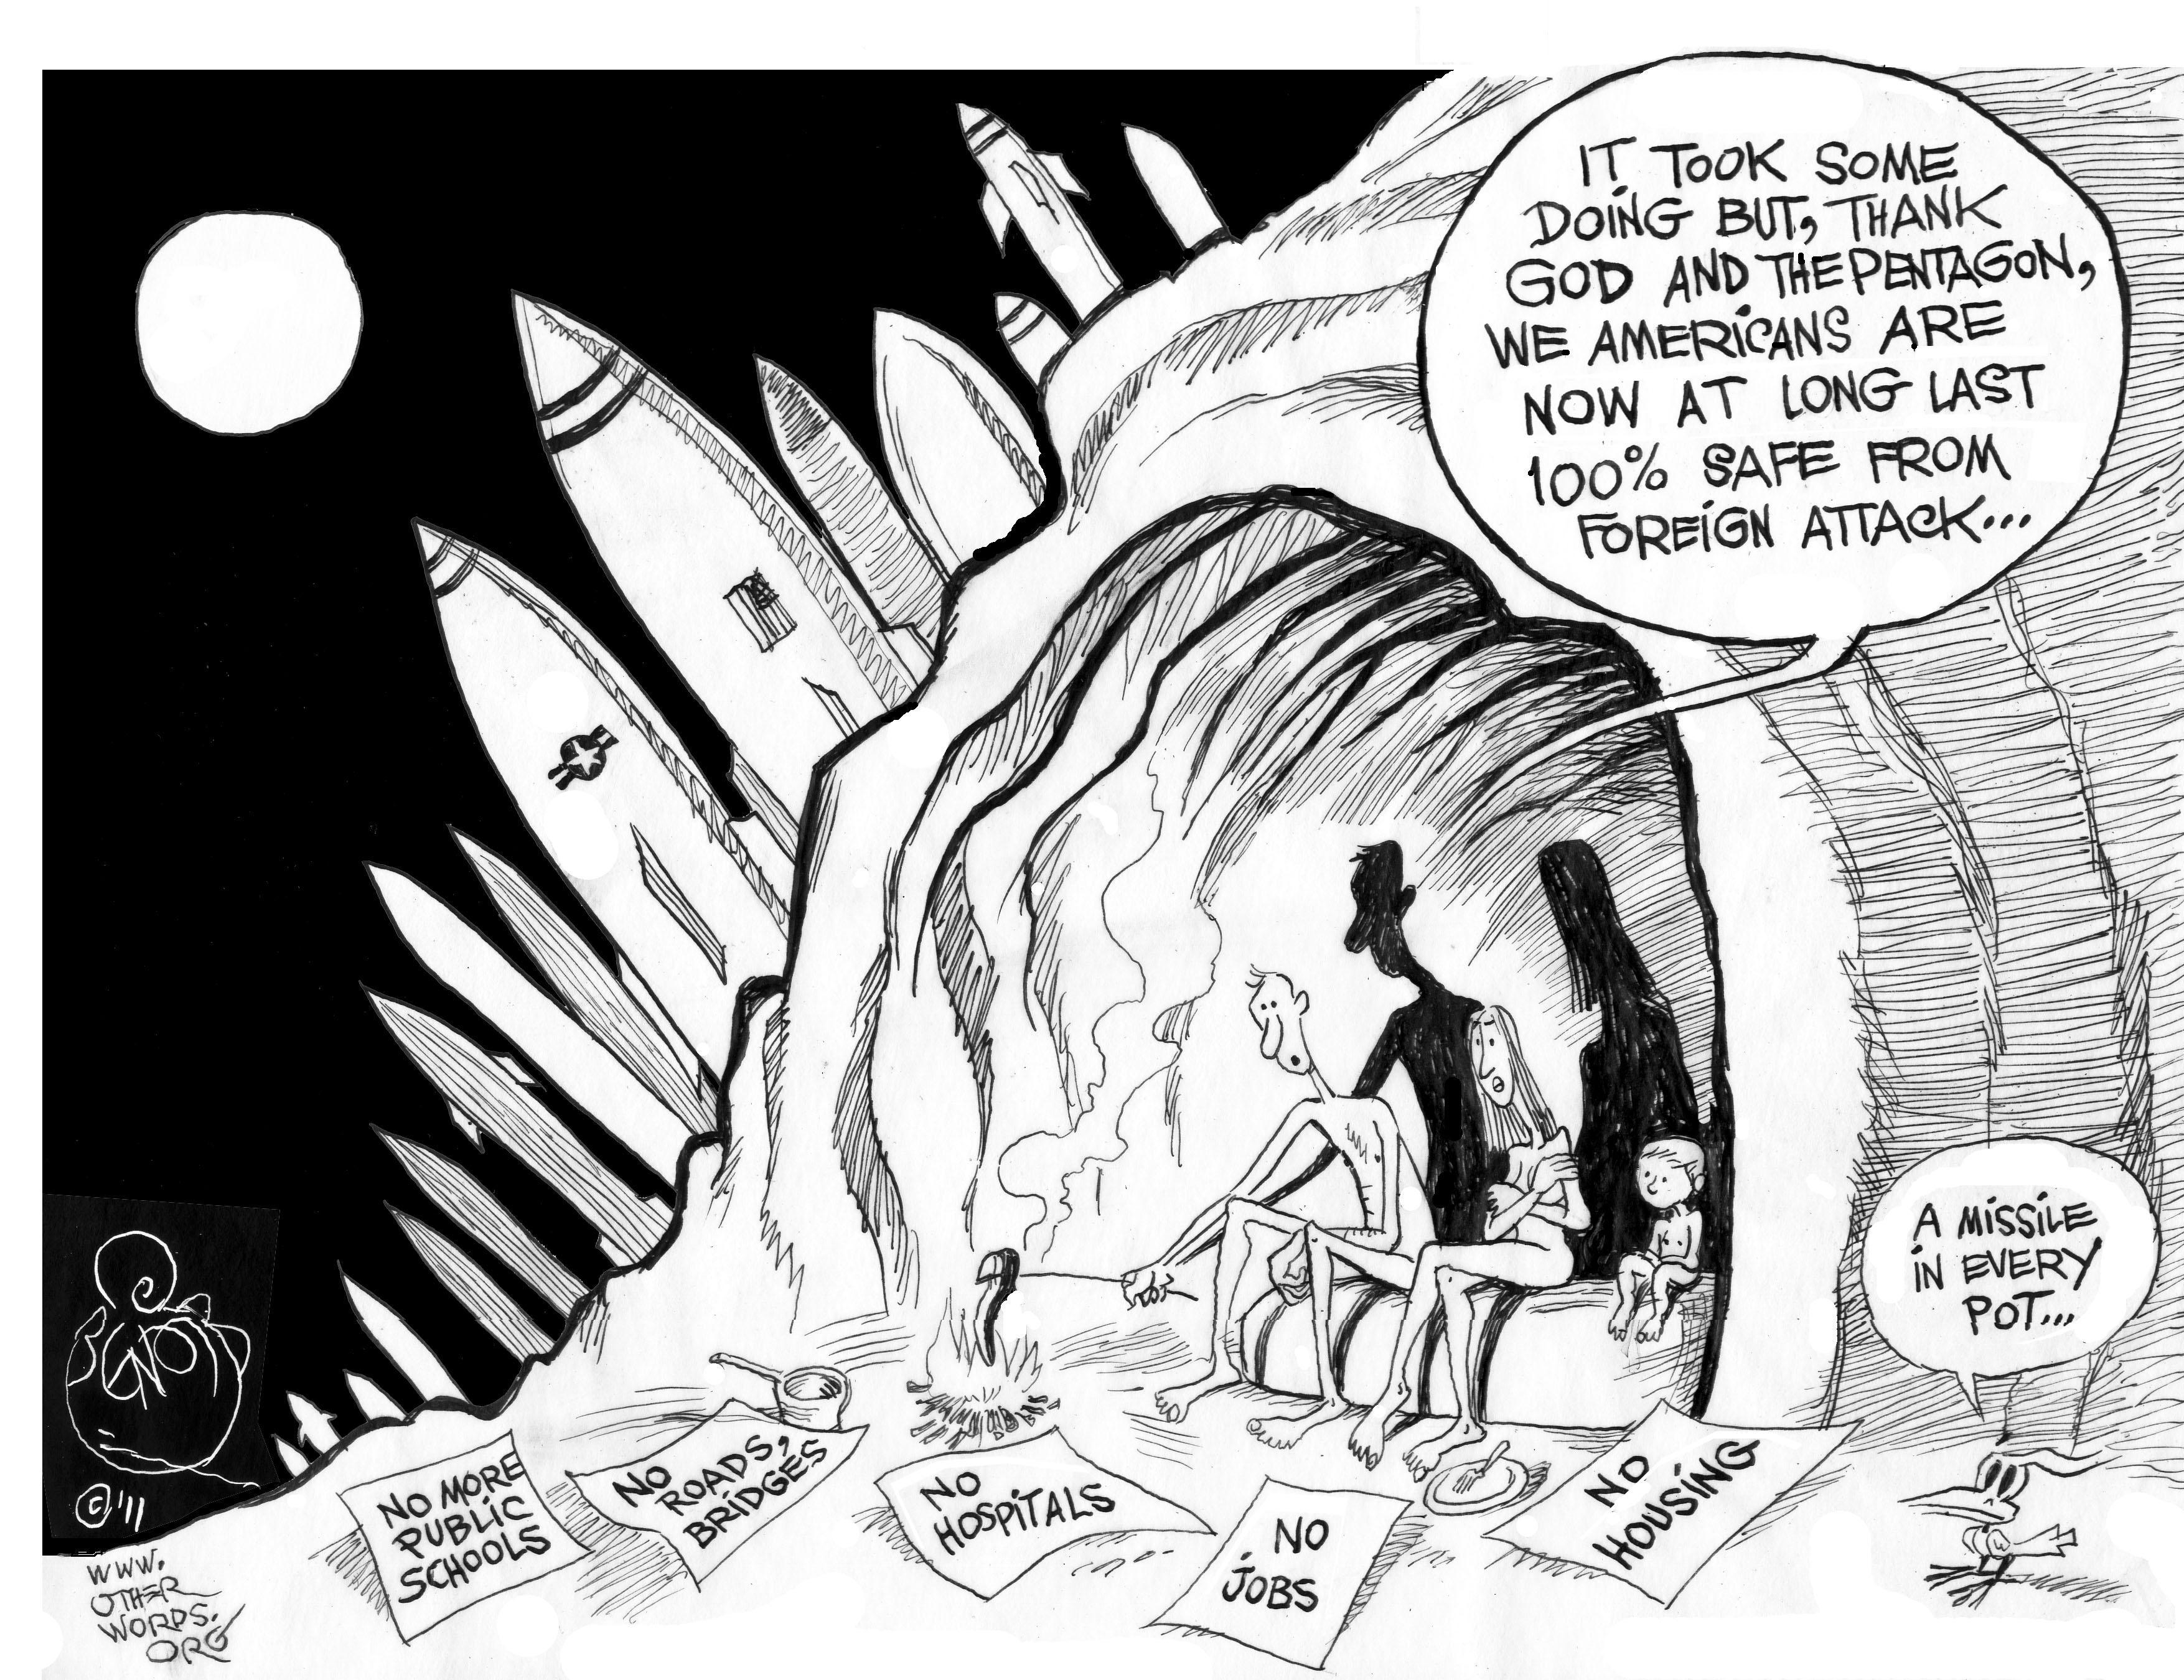 Churchill iron curtain speech cartoon - Cold War Missiles Cartoon Jpg 3509x2700 Steel Curtain Cold War Cartoon